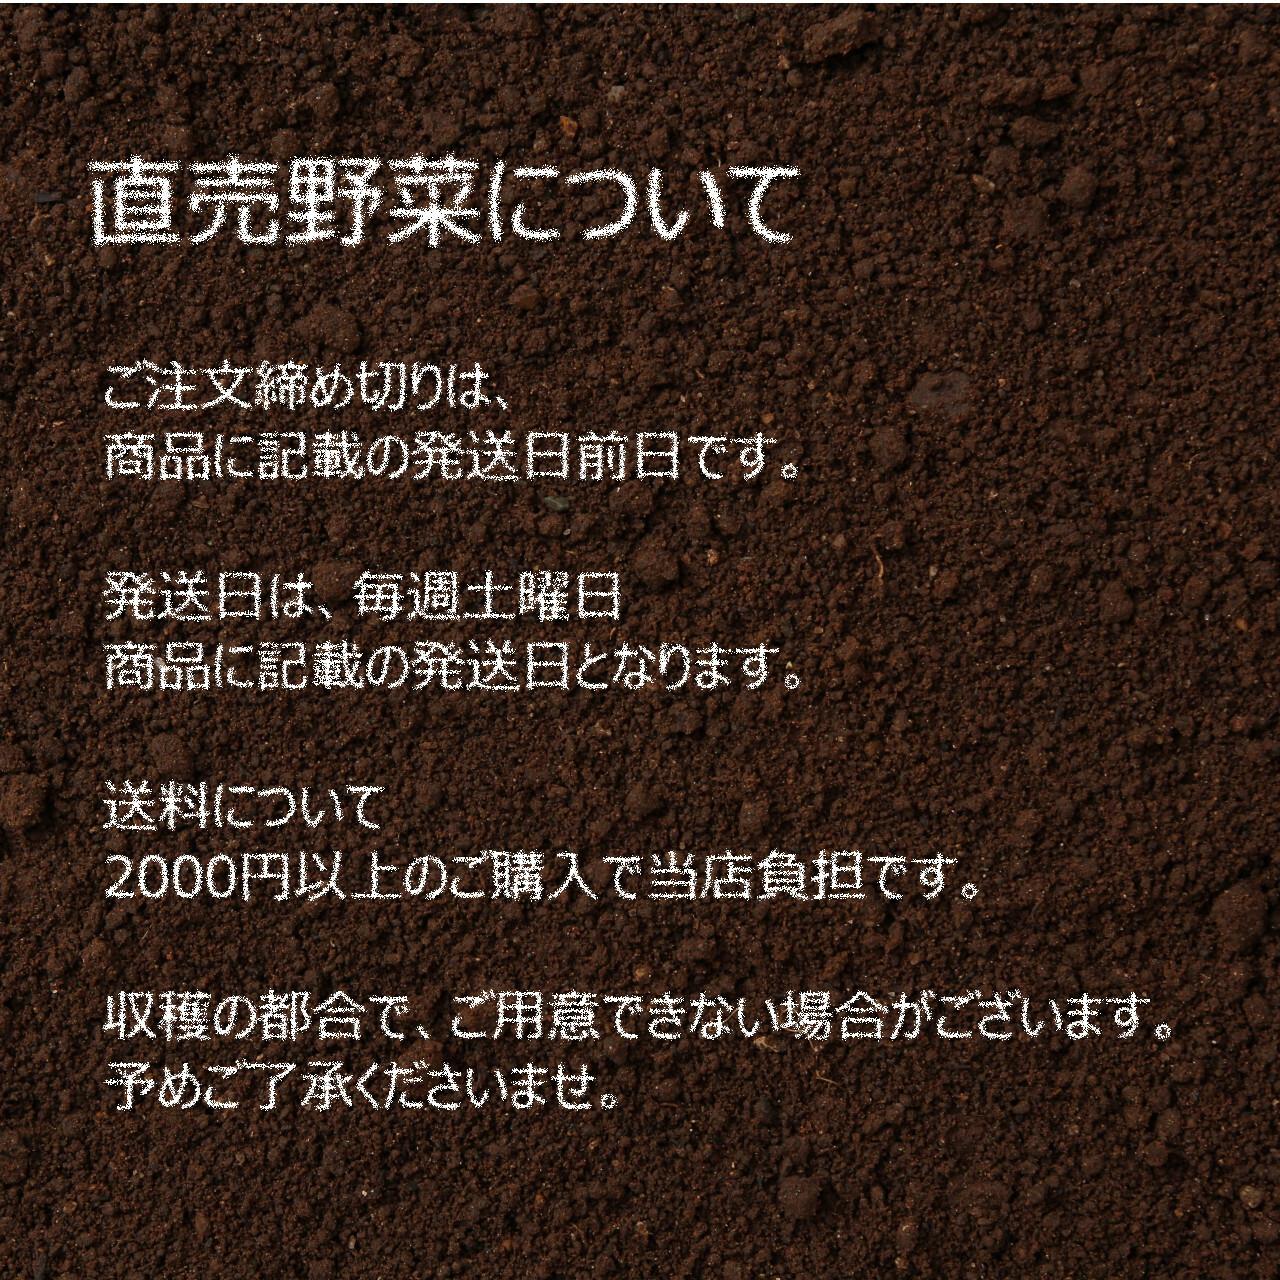 8月の新鮮な夏野菜 :チンゲン菜: 朝採り直売野菜 8月8日発送予定